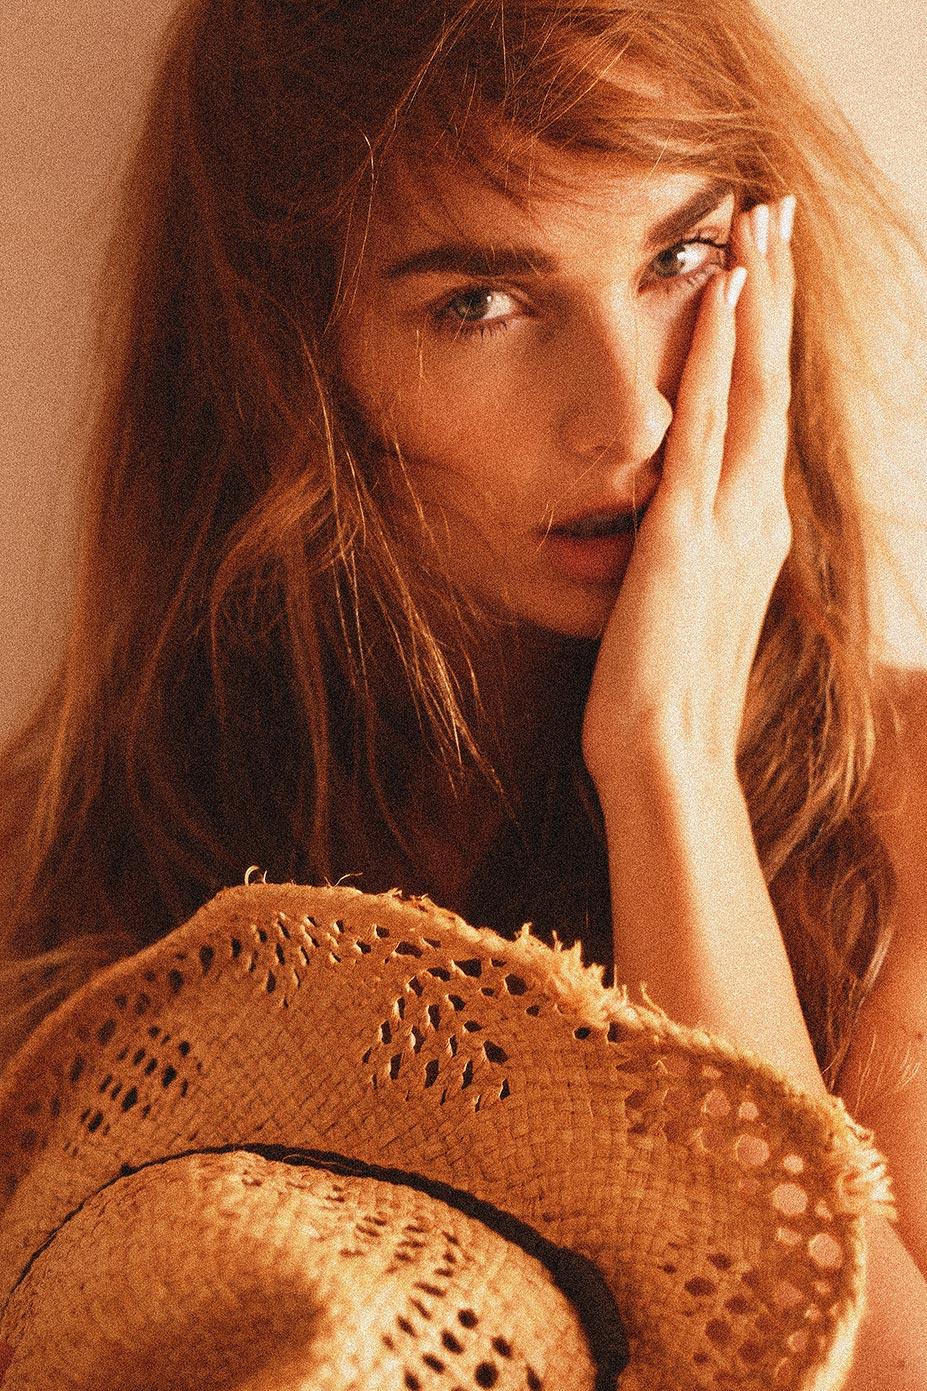 The Sensual Side / Zsuzsanna Malomhegyi by Melissa Cartagena